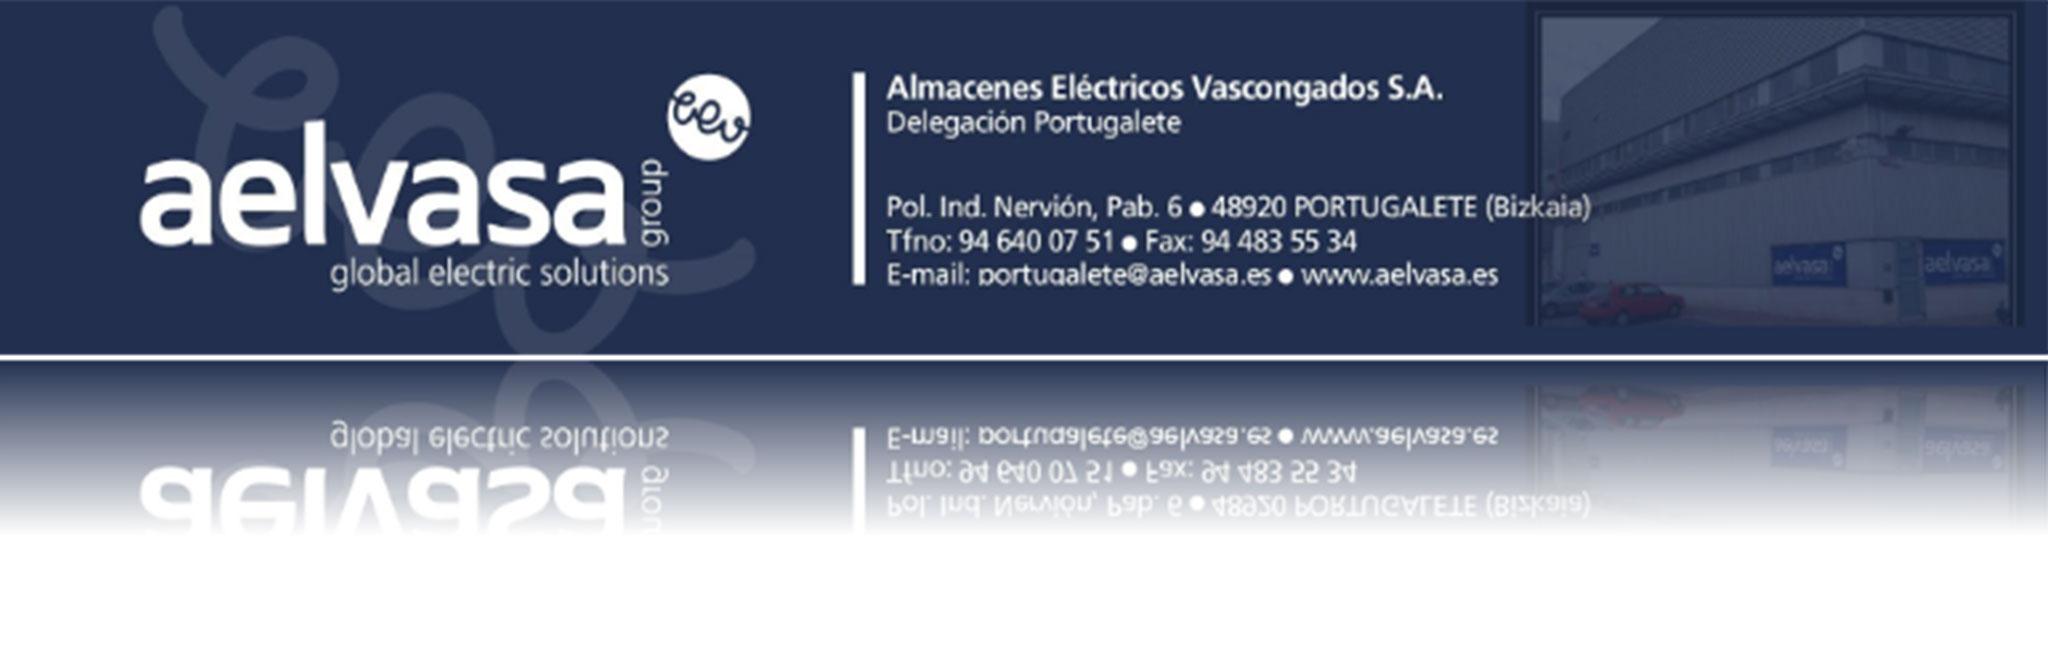 datos-de-contacto-aelvasa-portugalete